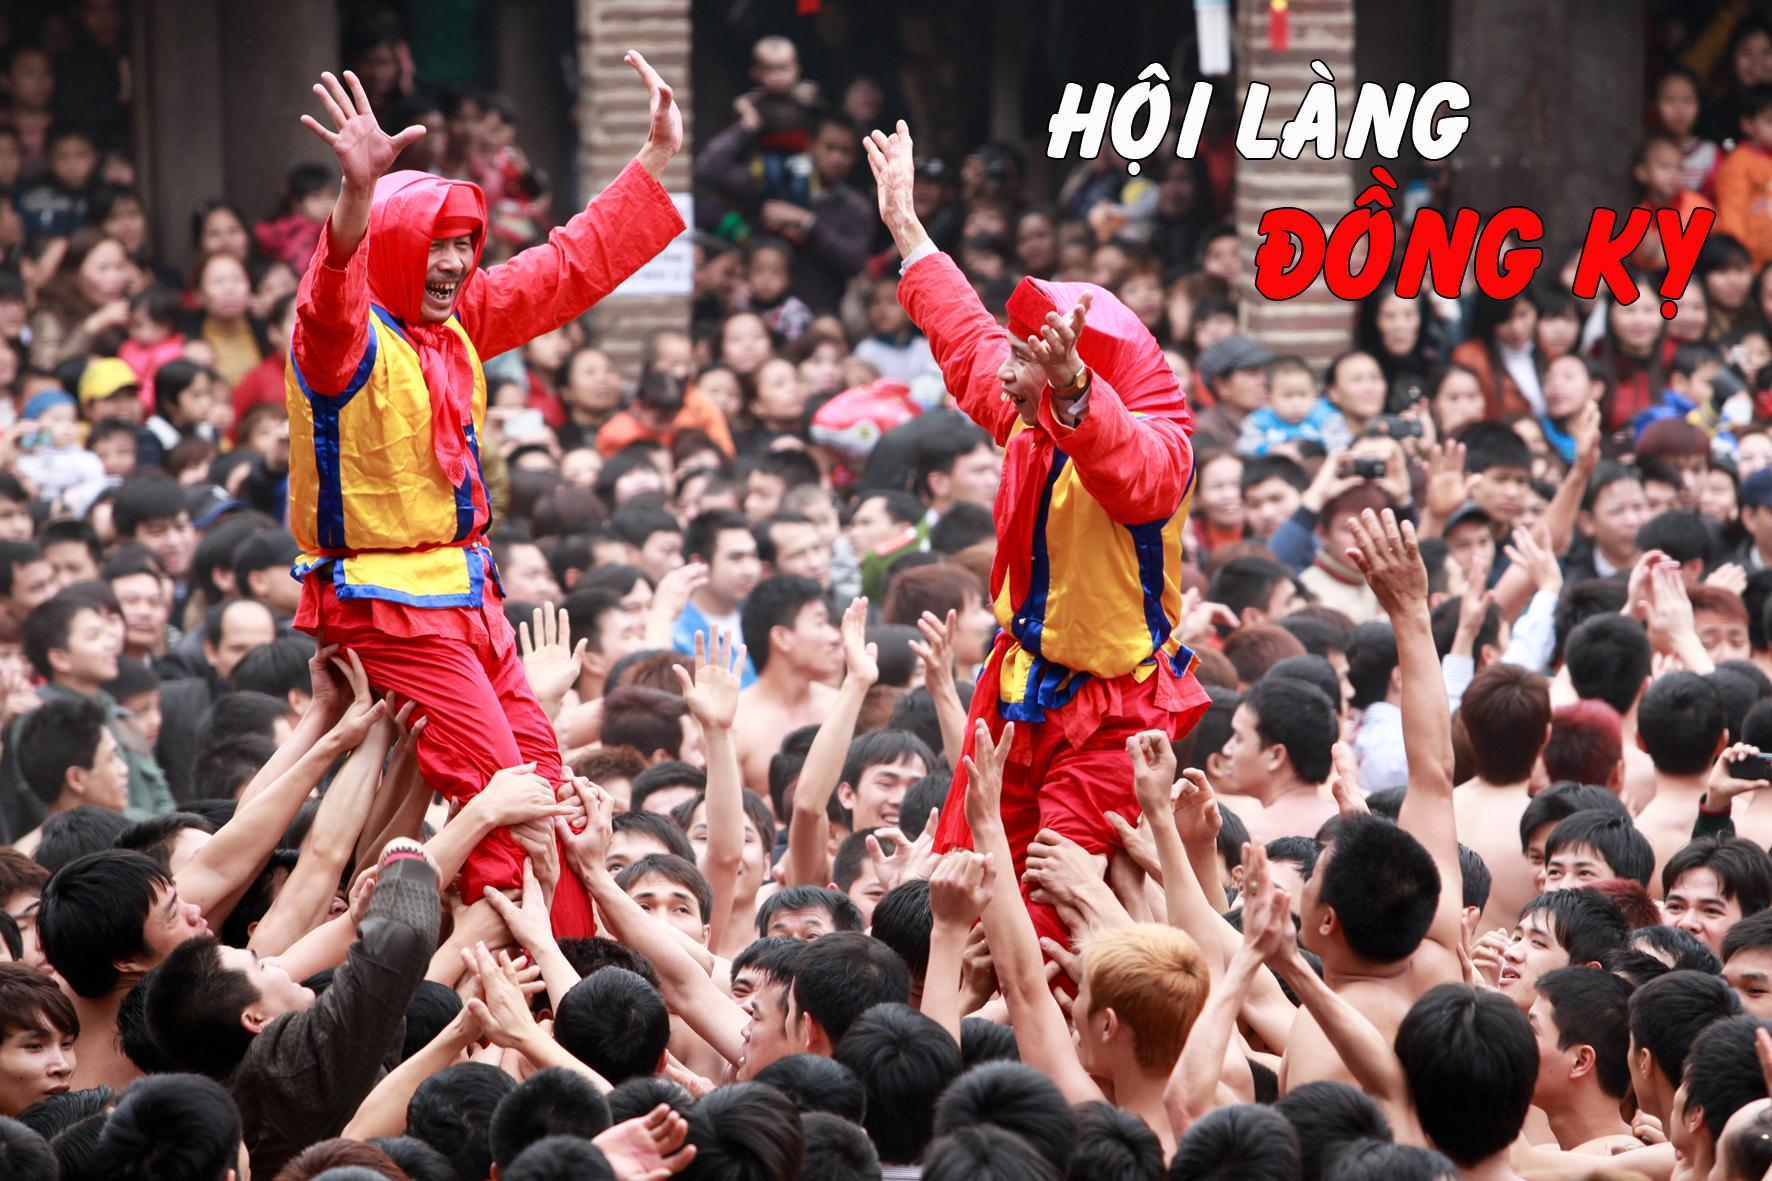 Hội làng Đồng Kỵ